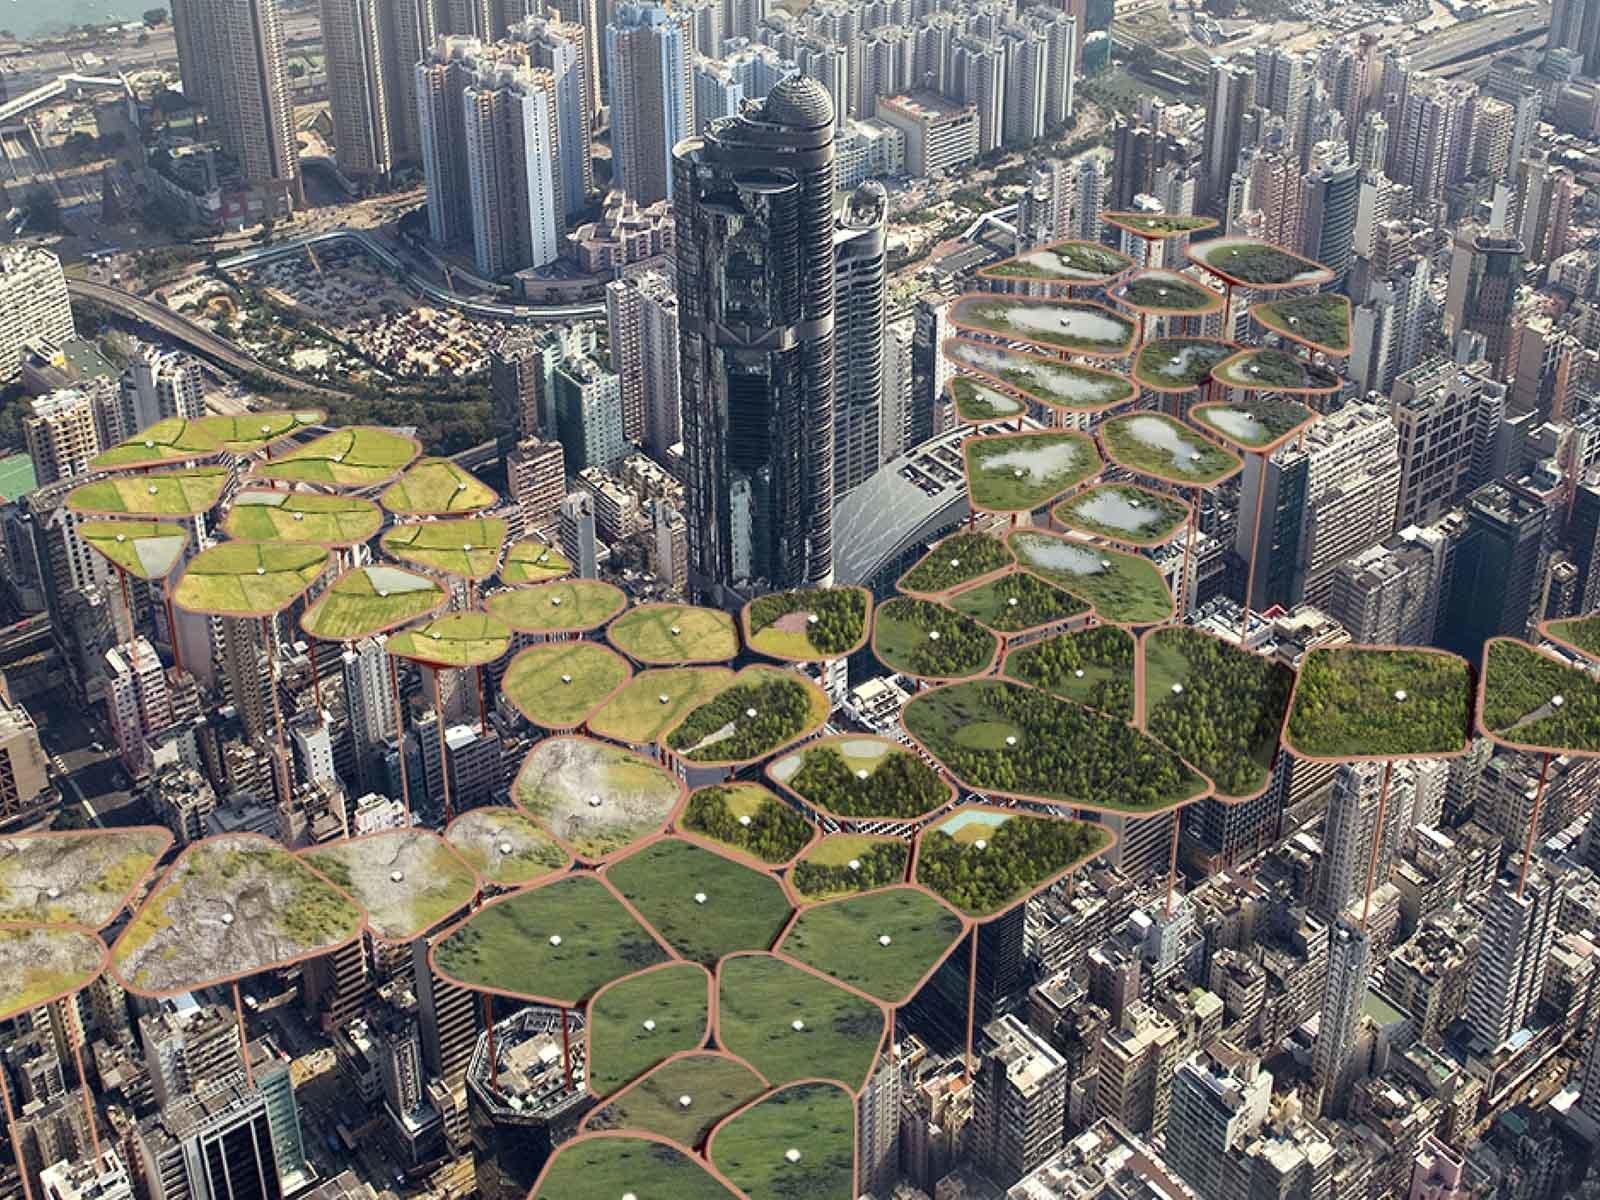 В Гонконге сделали первый масштабный эко-проект в небе над городом: подвесной парк с насаждениями